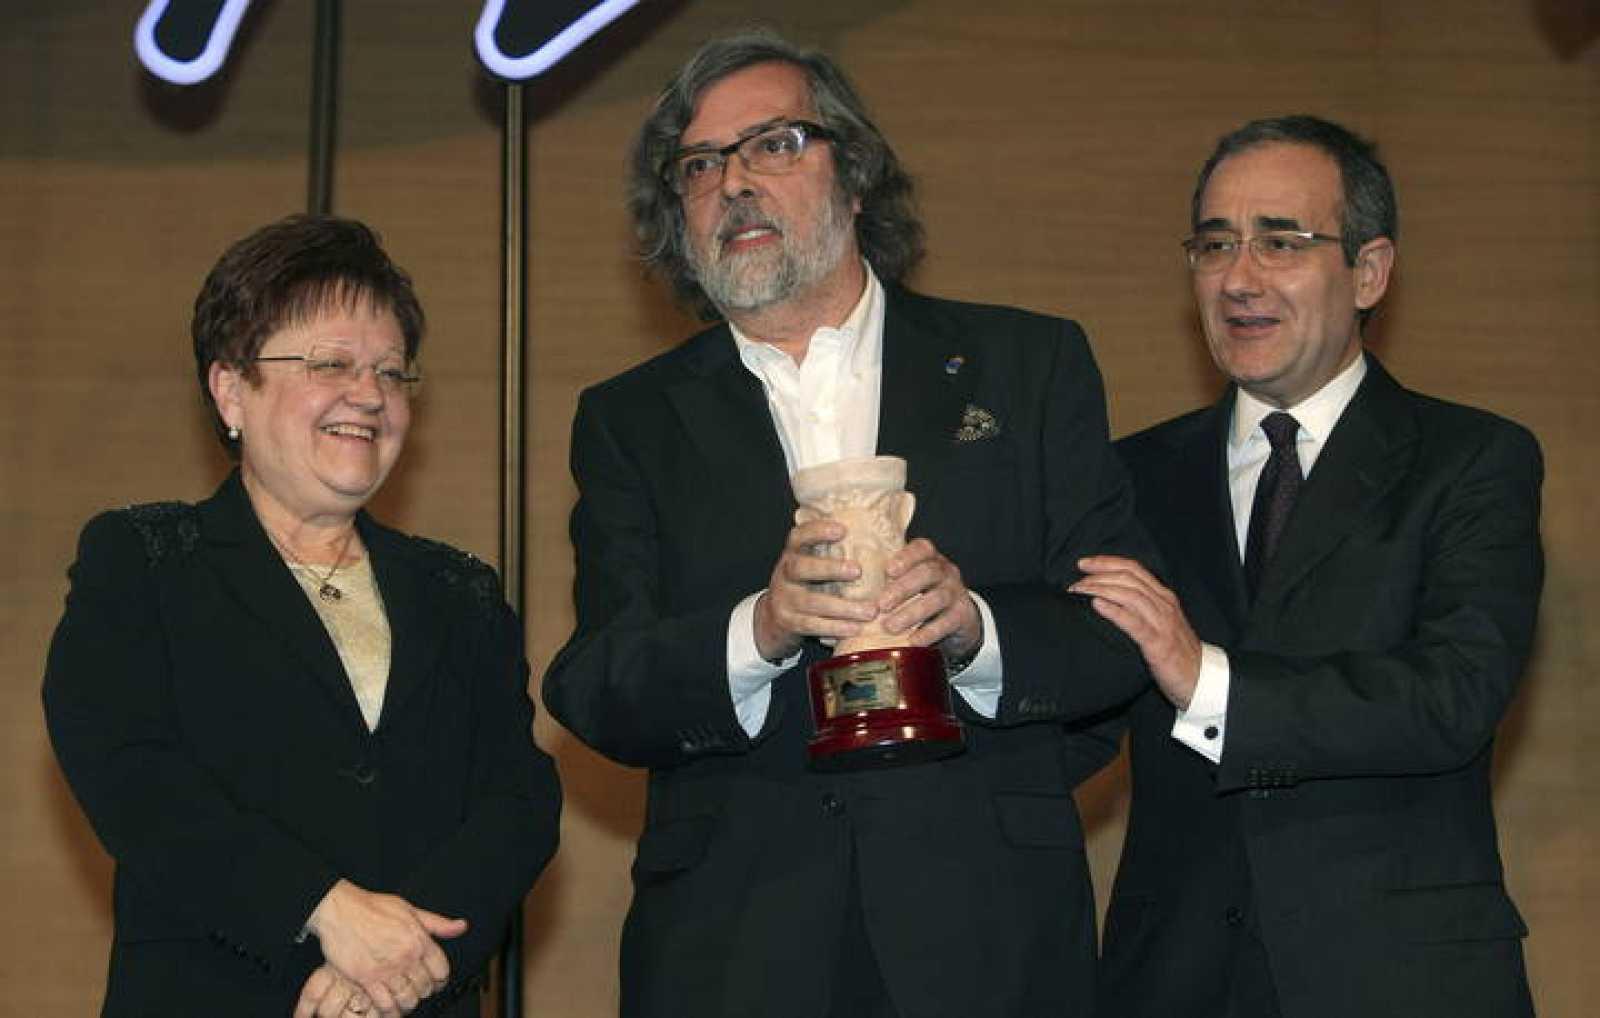 Pernas gana el Premio Azorín de Novela